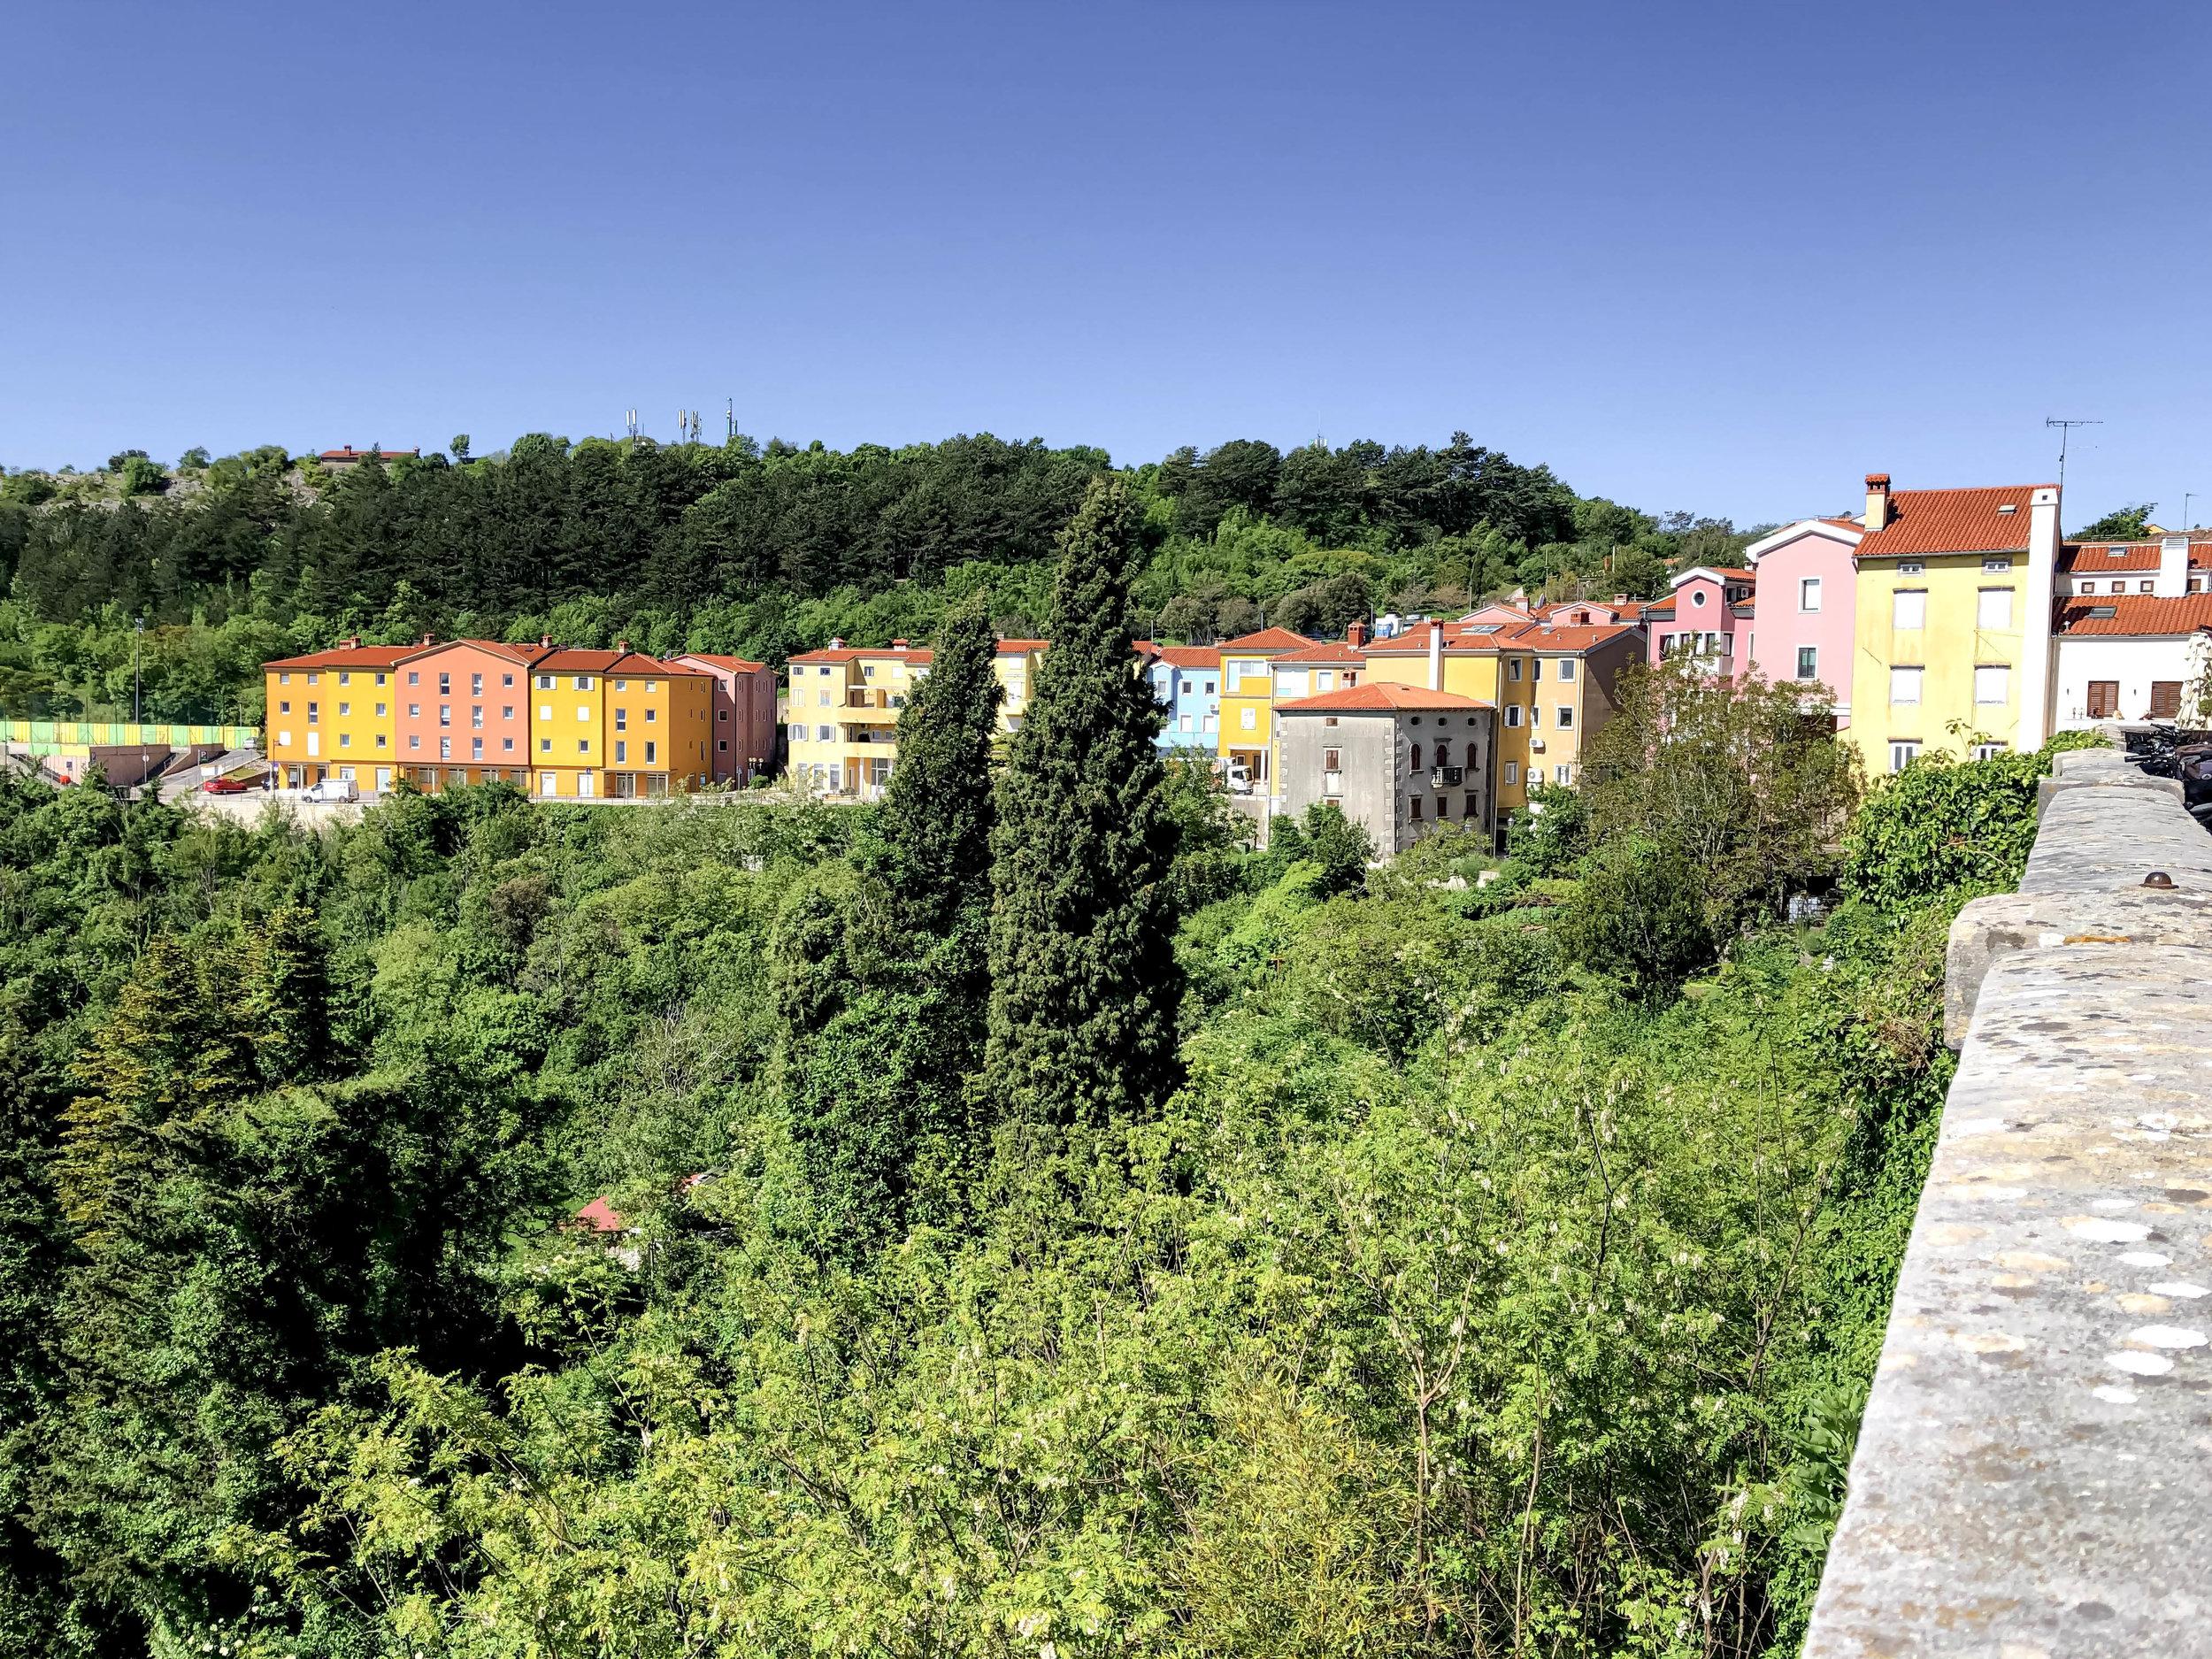 The town of Labin in Istria, Croatia.